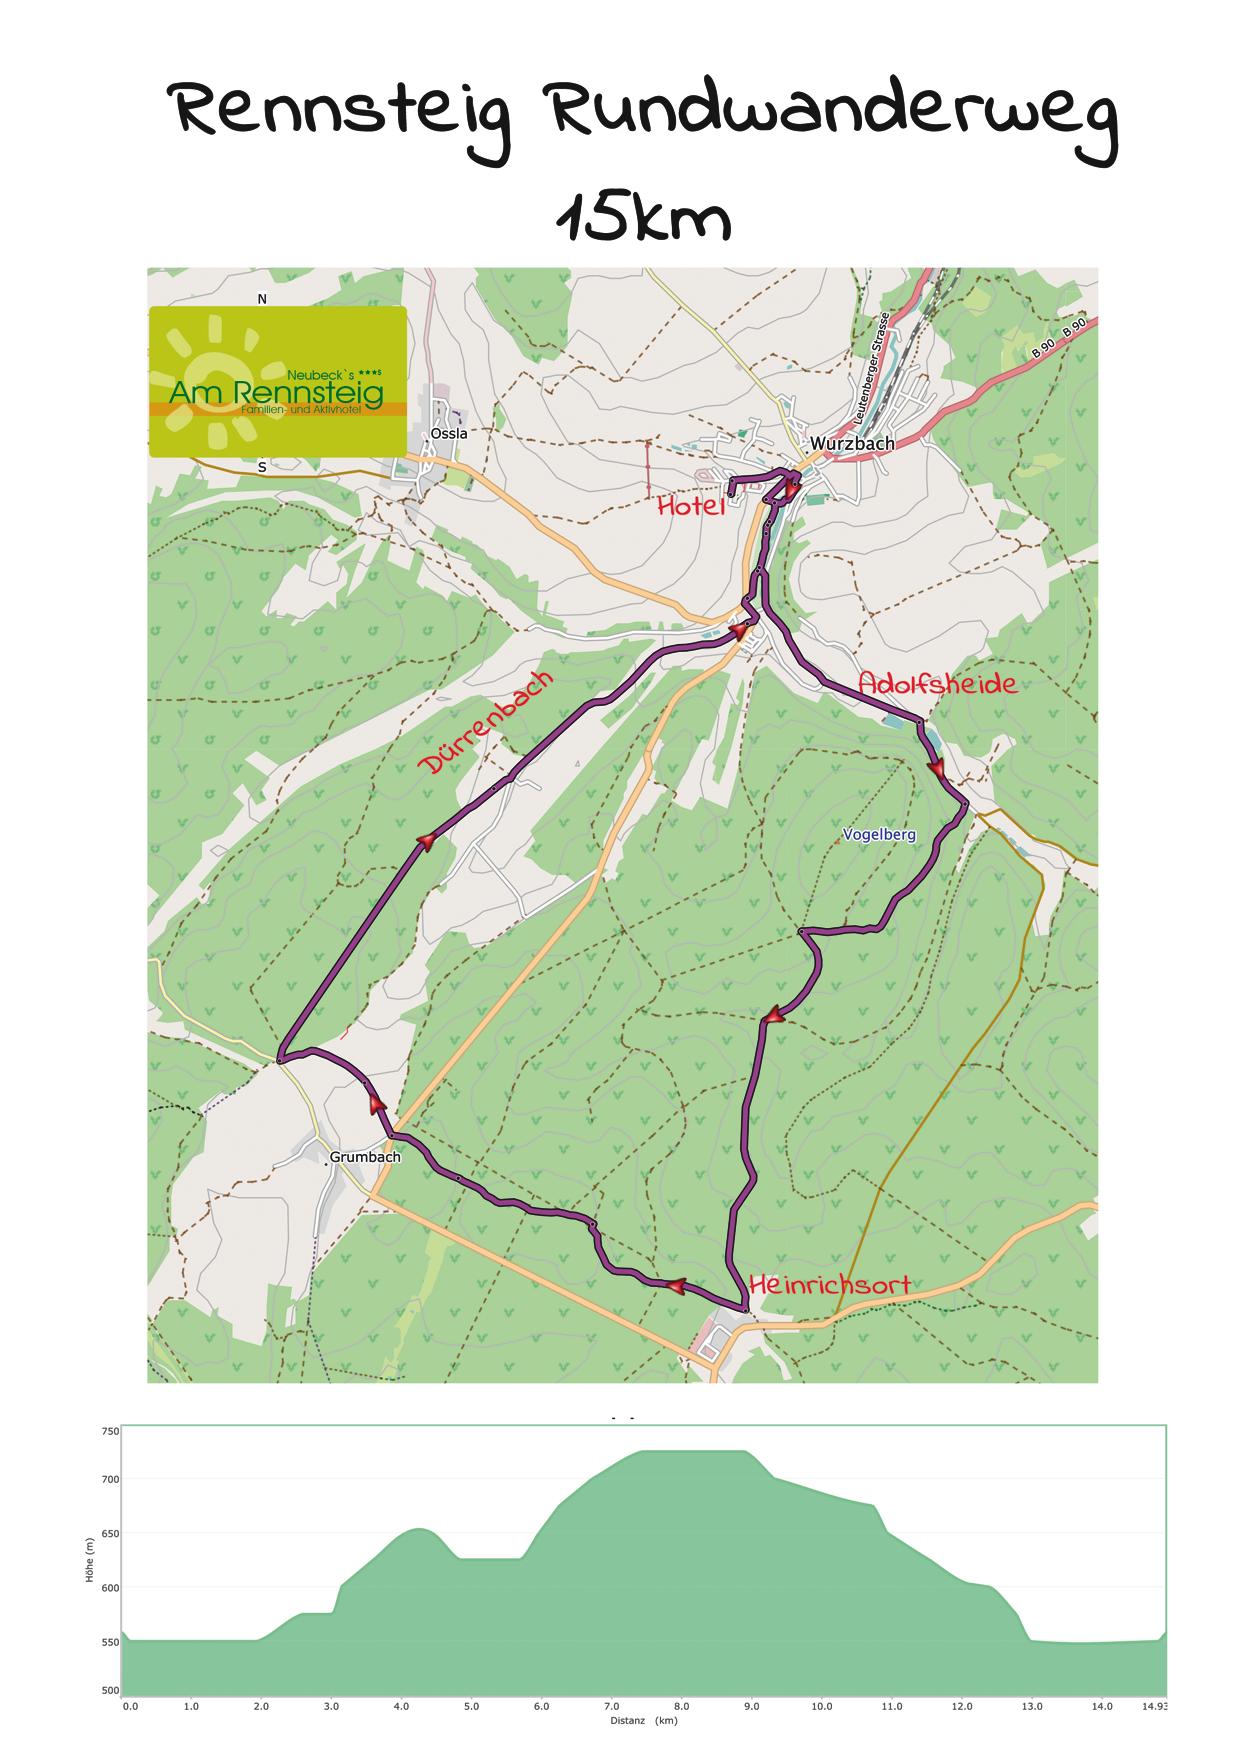 Rennsteig Rundwanderweg